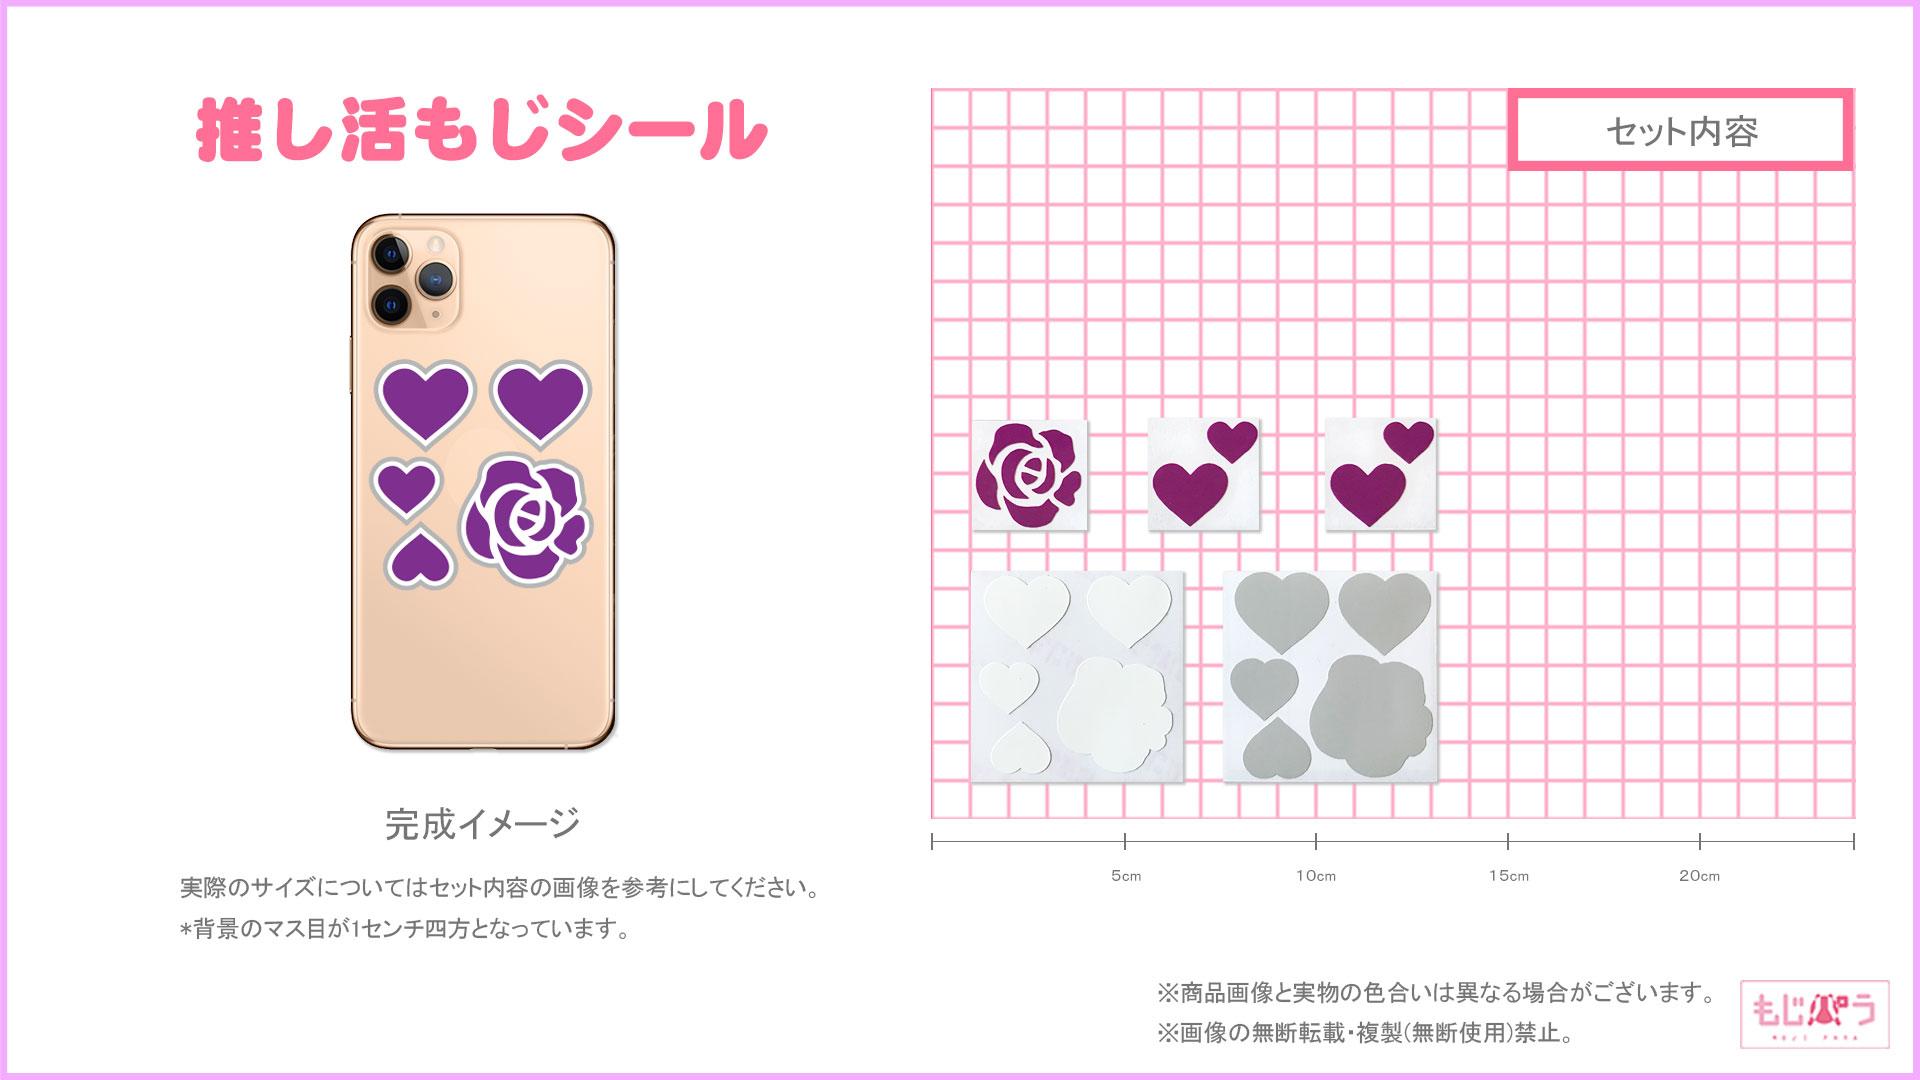 推し活もじシール デコるー 4S バラセット1 紫画像